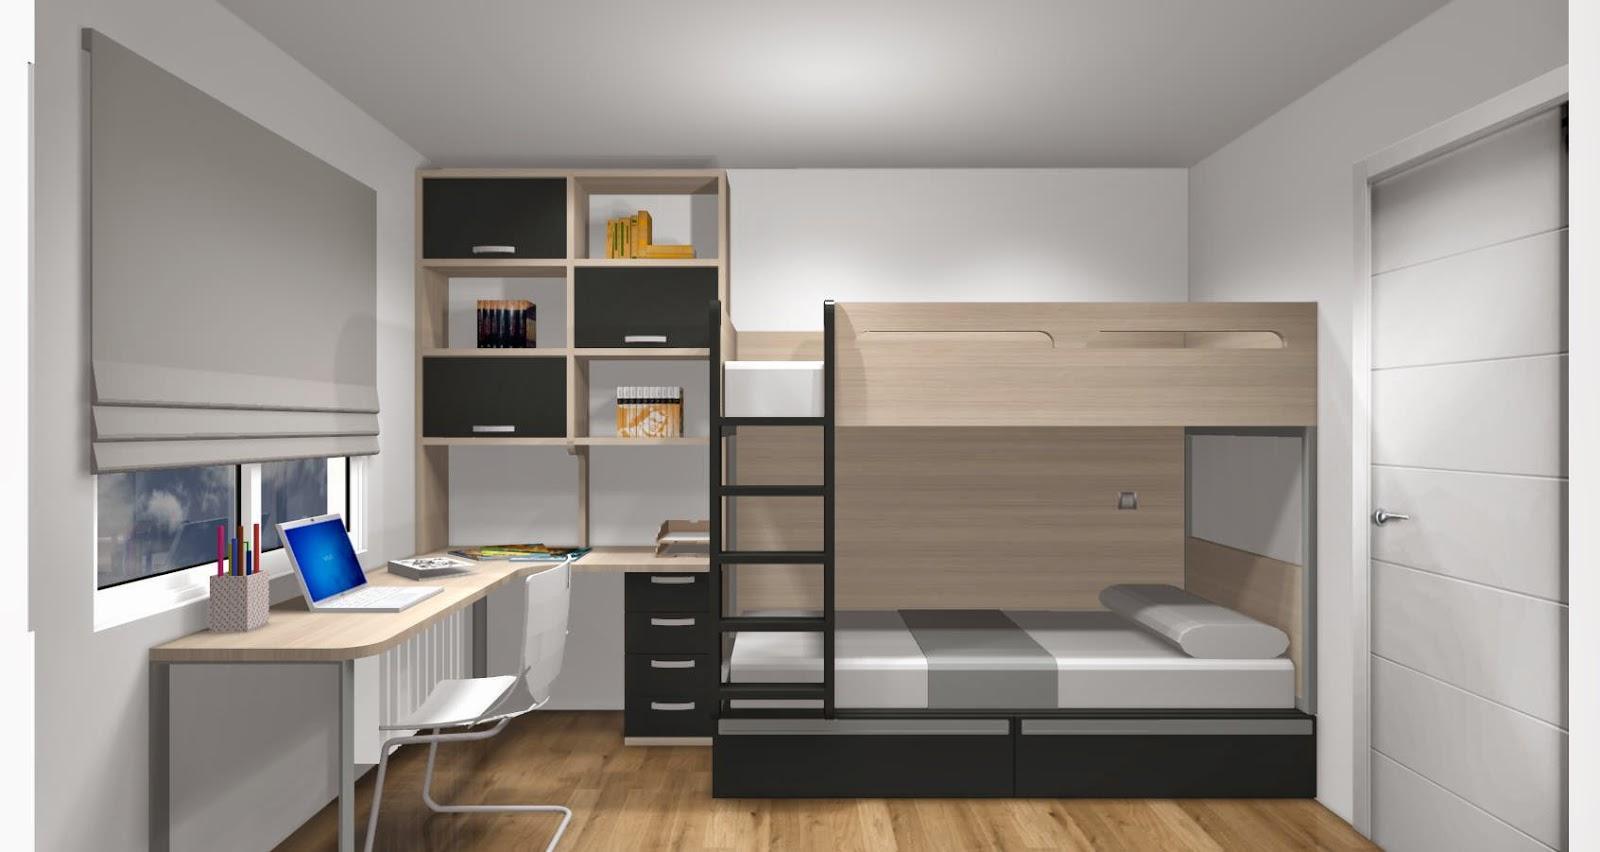 Dise o de cuartos o dormitorios juveniles for Dormitorios juveniles literas